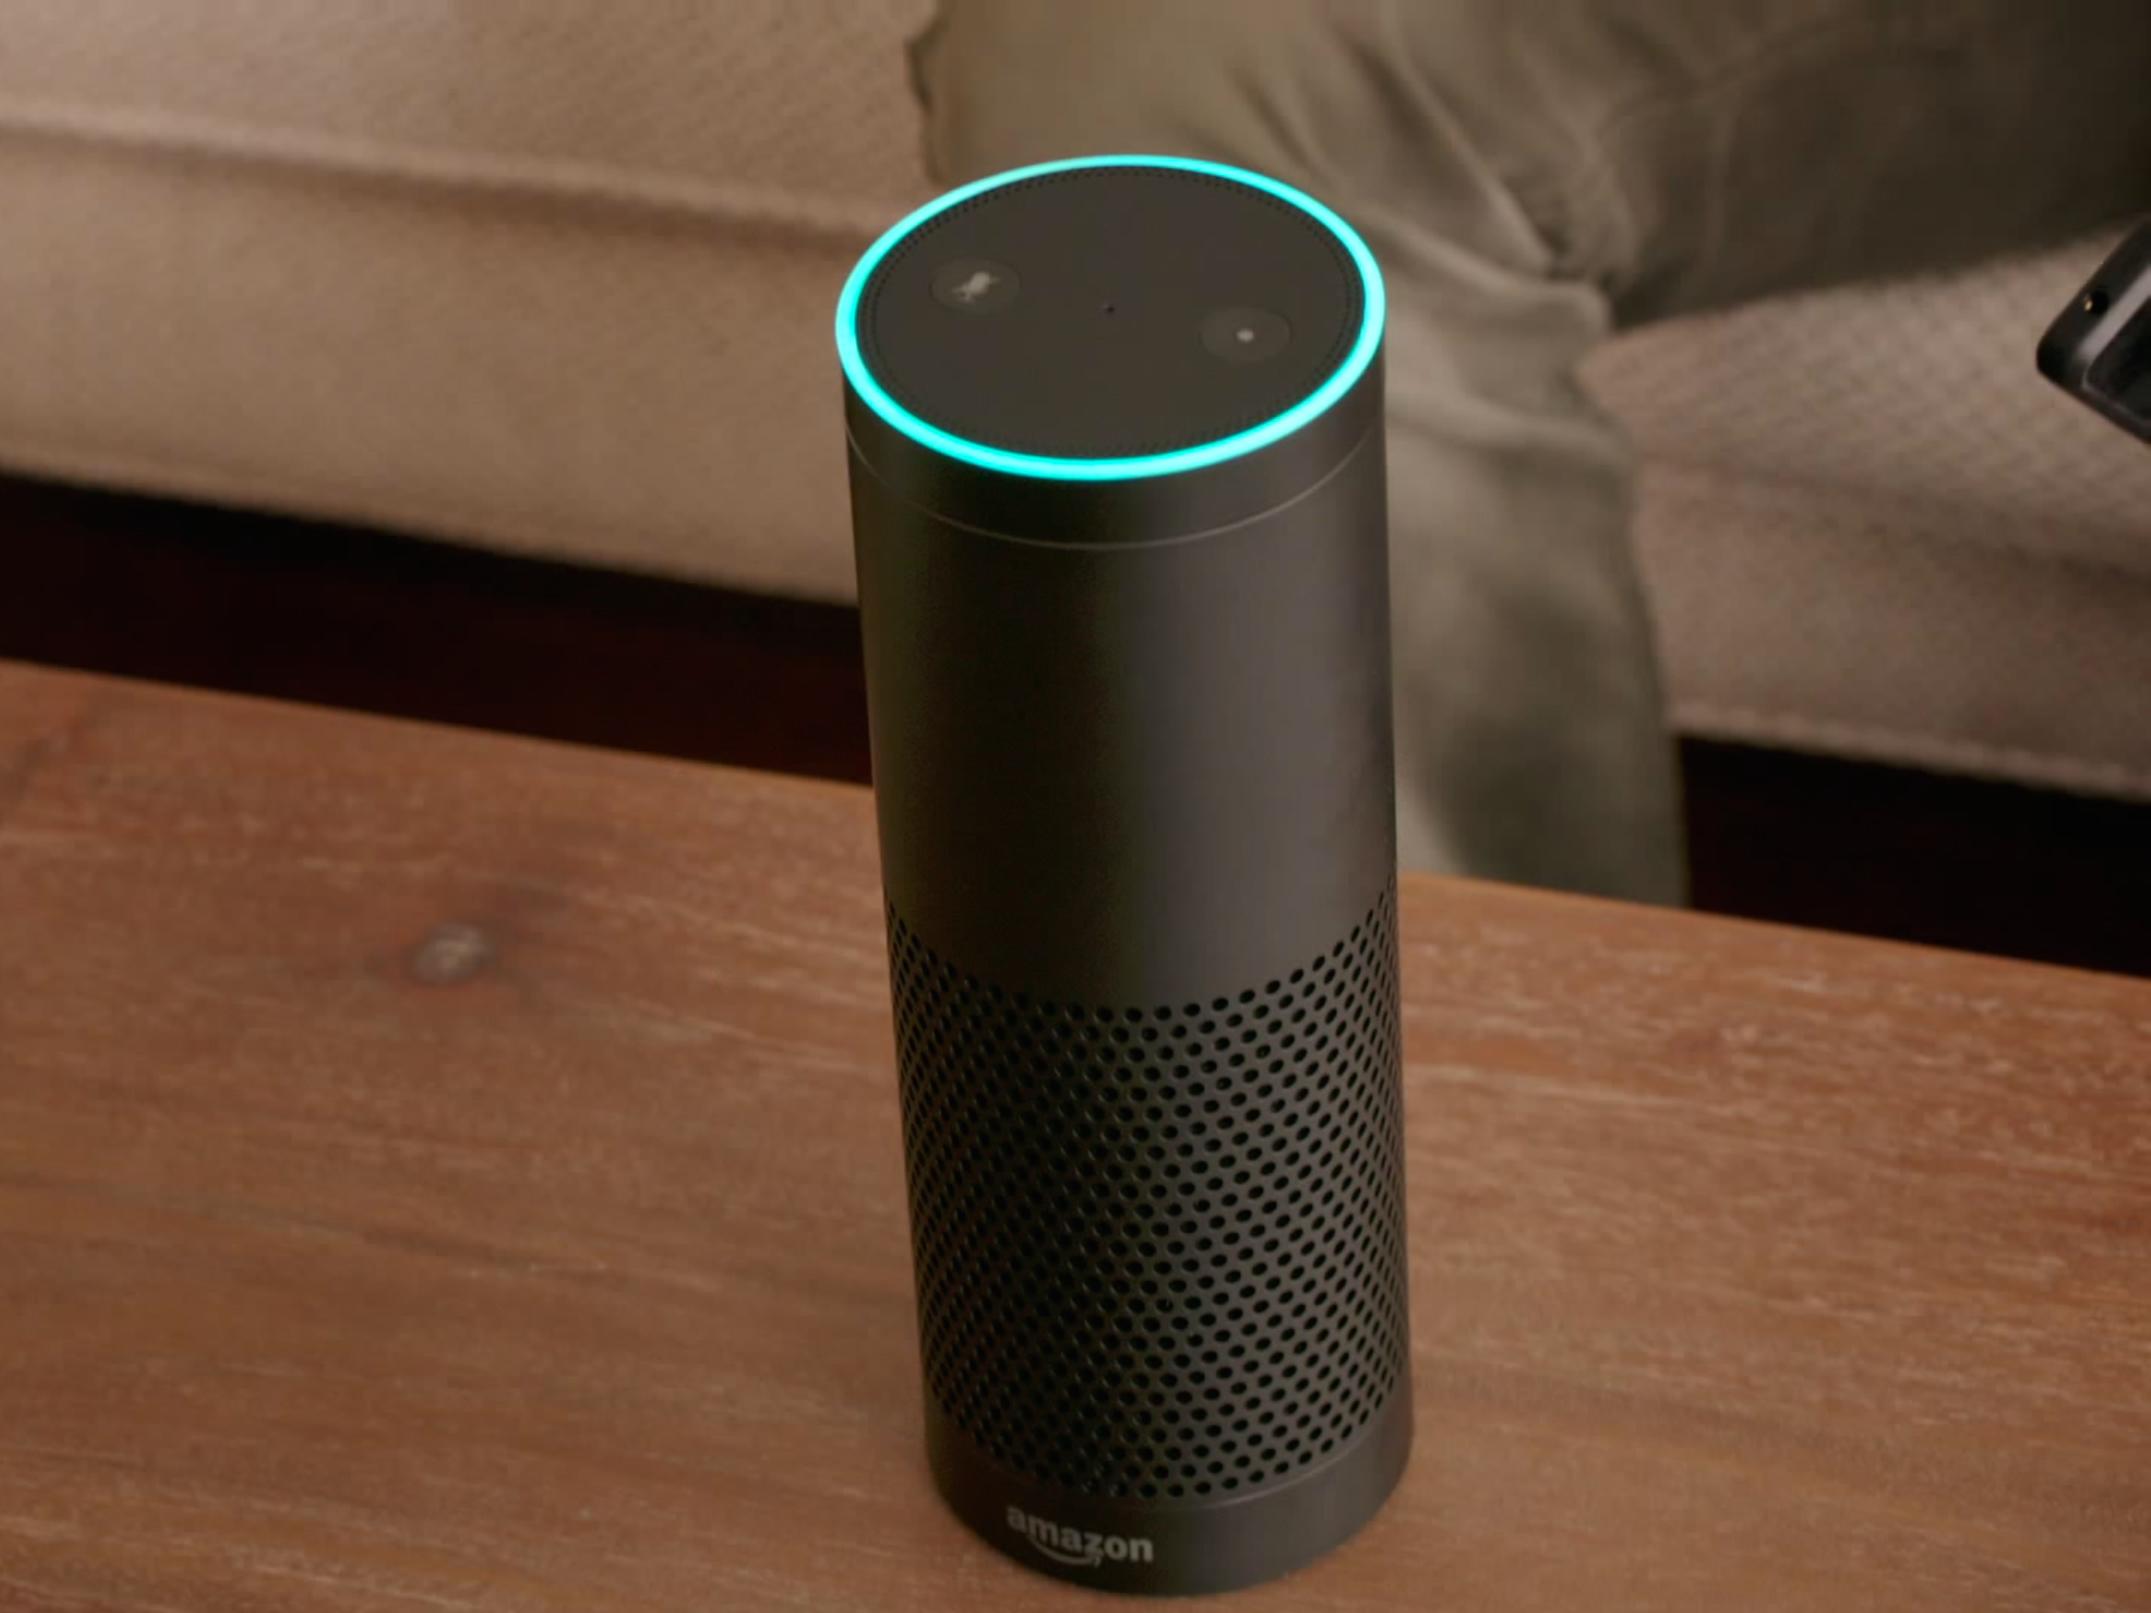 Снимка: Amazon изпраща Alexa към десктопа